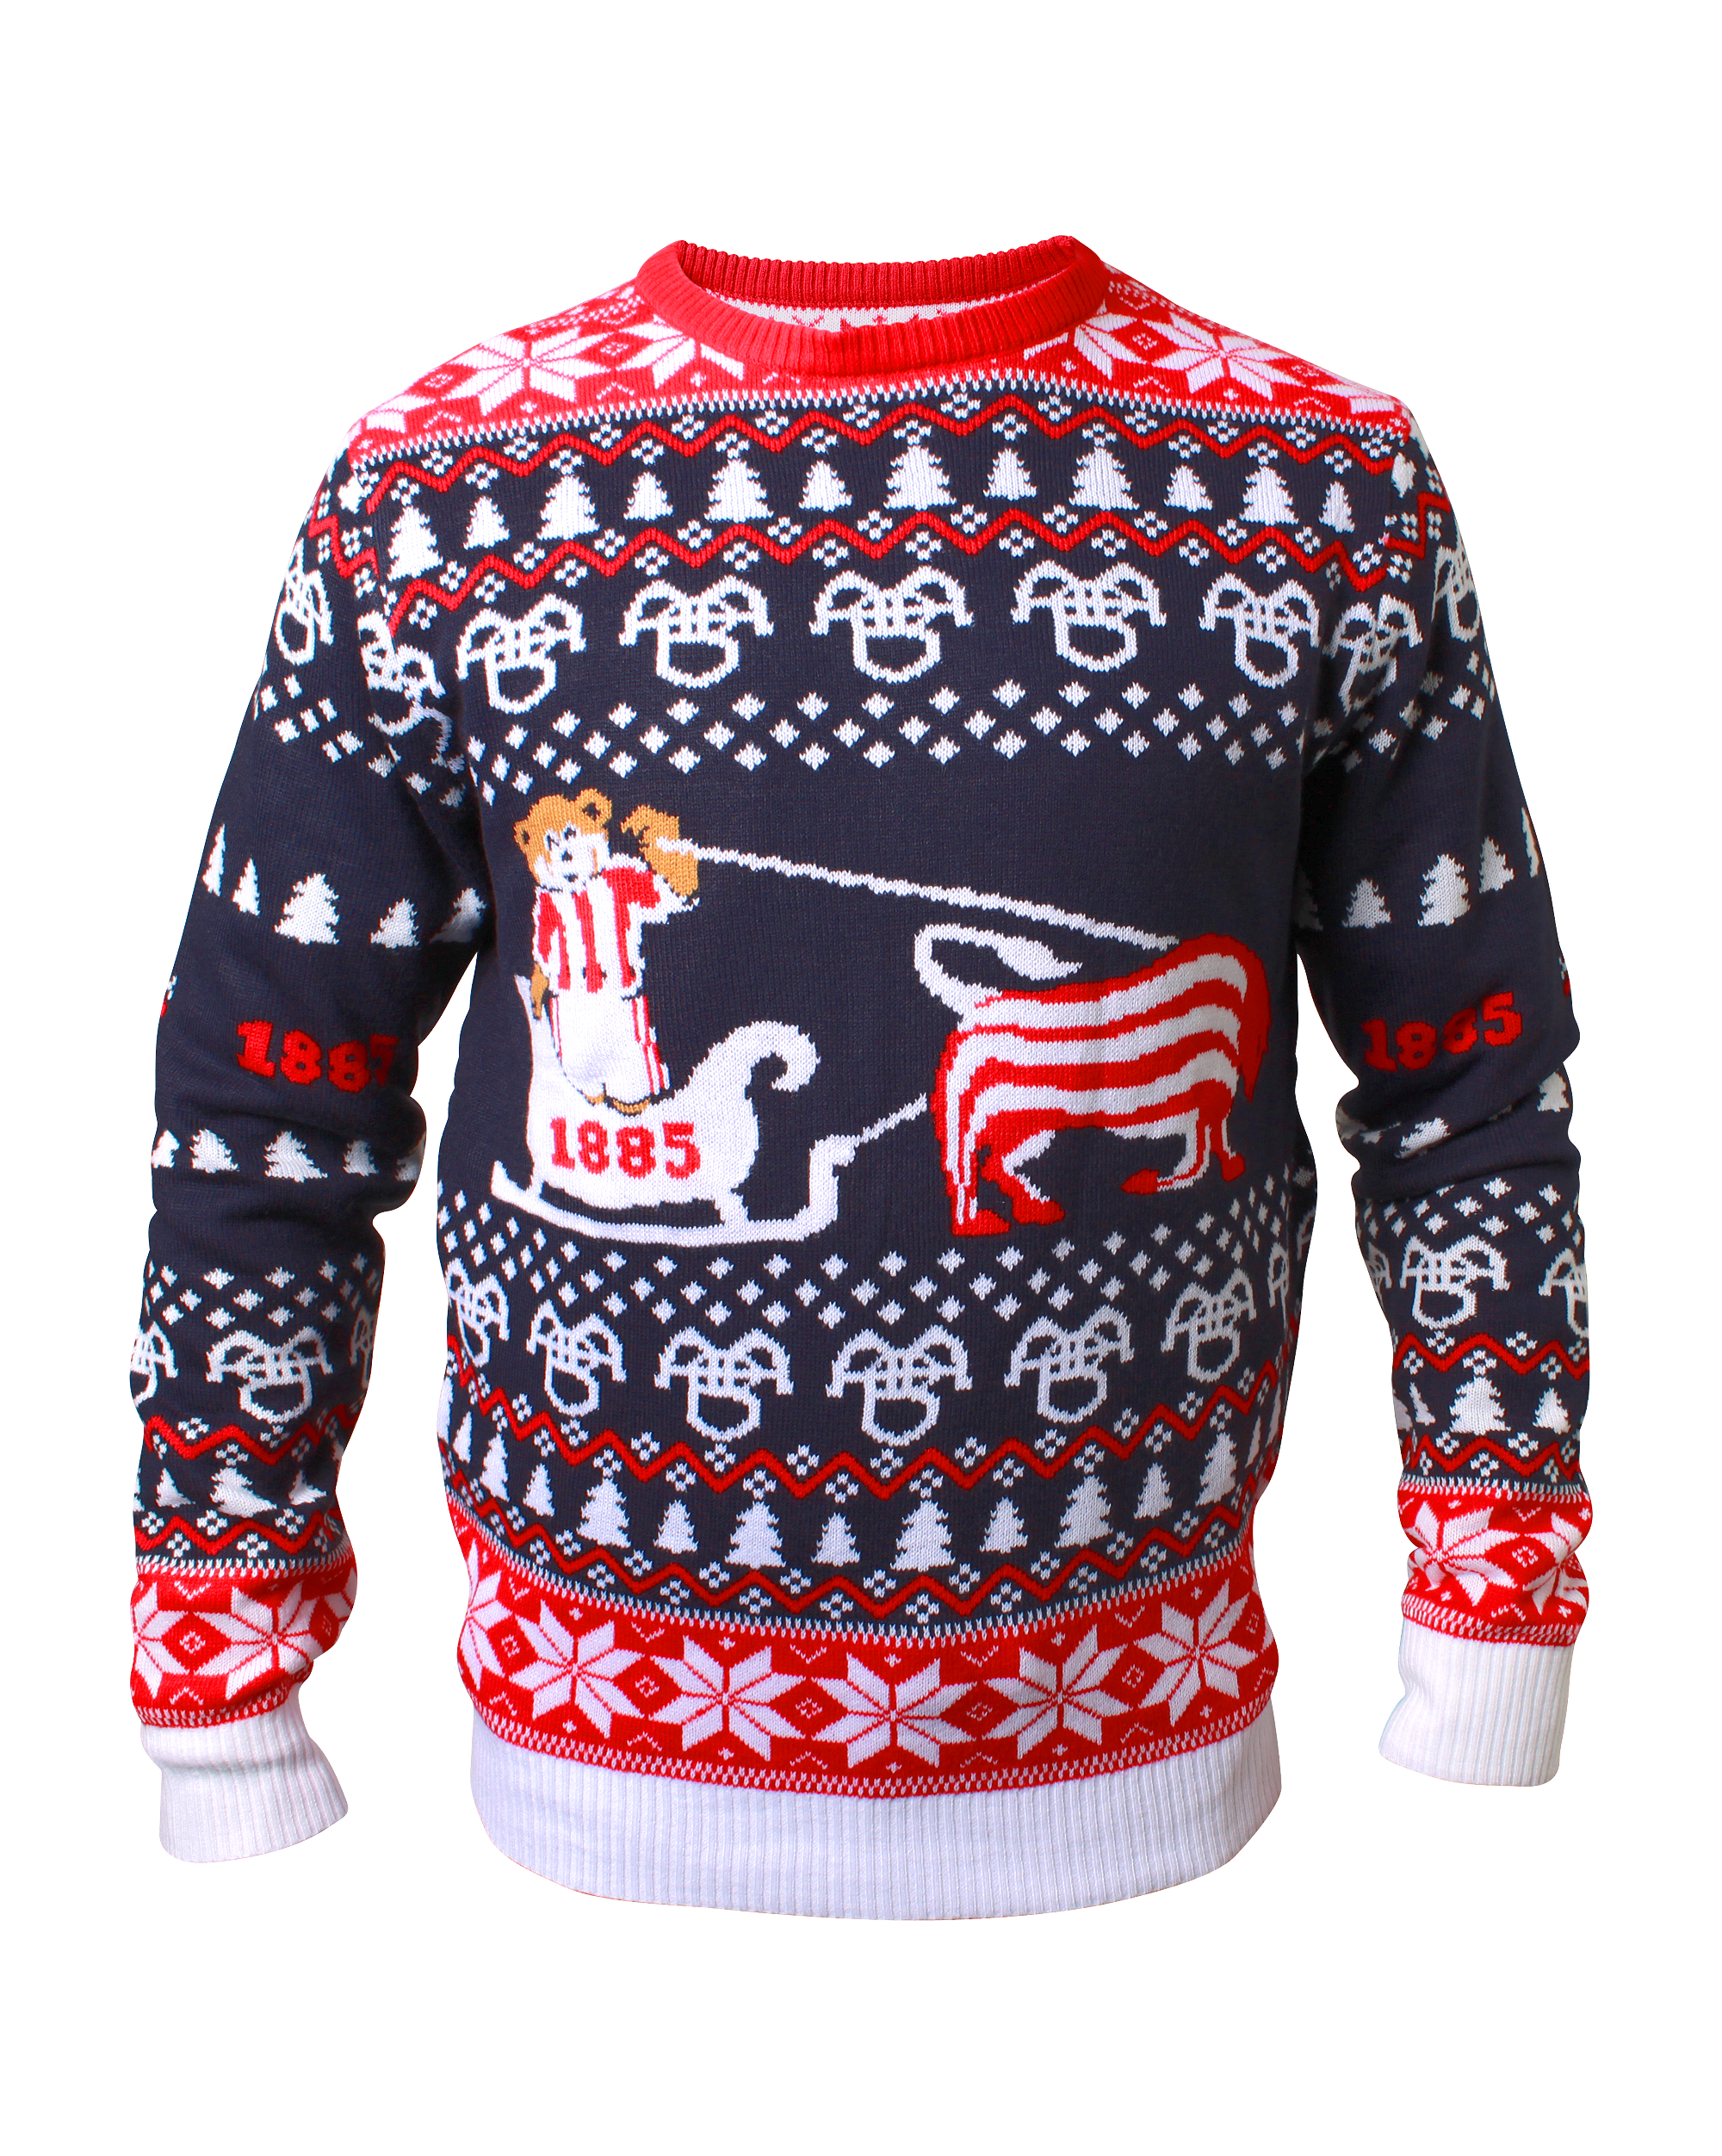 Den er tilbage: AaBs vamsede julesweater er et kæmpe hit